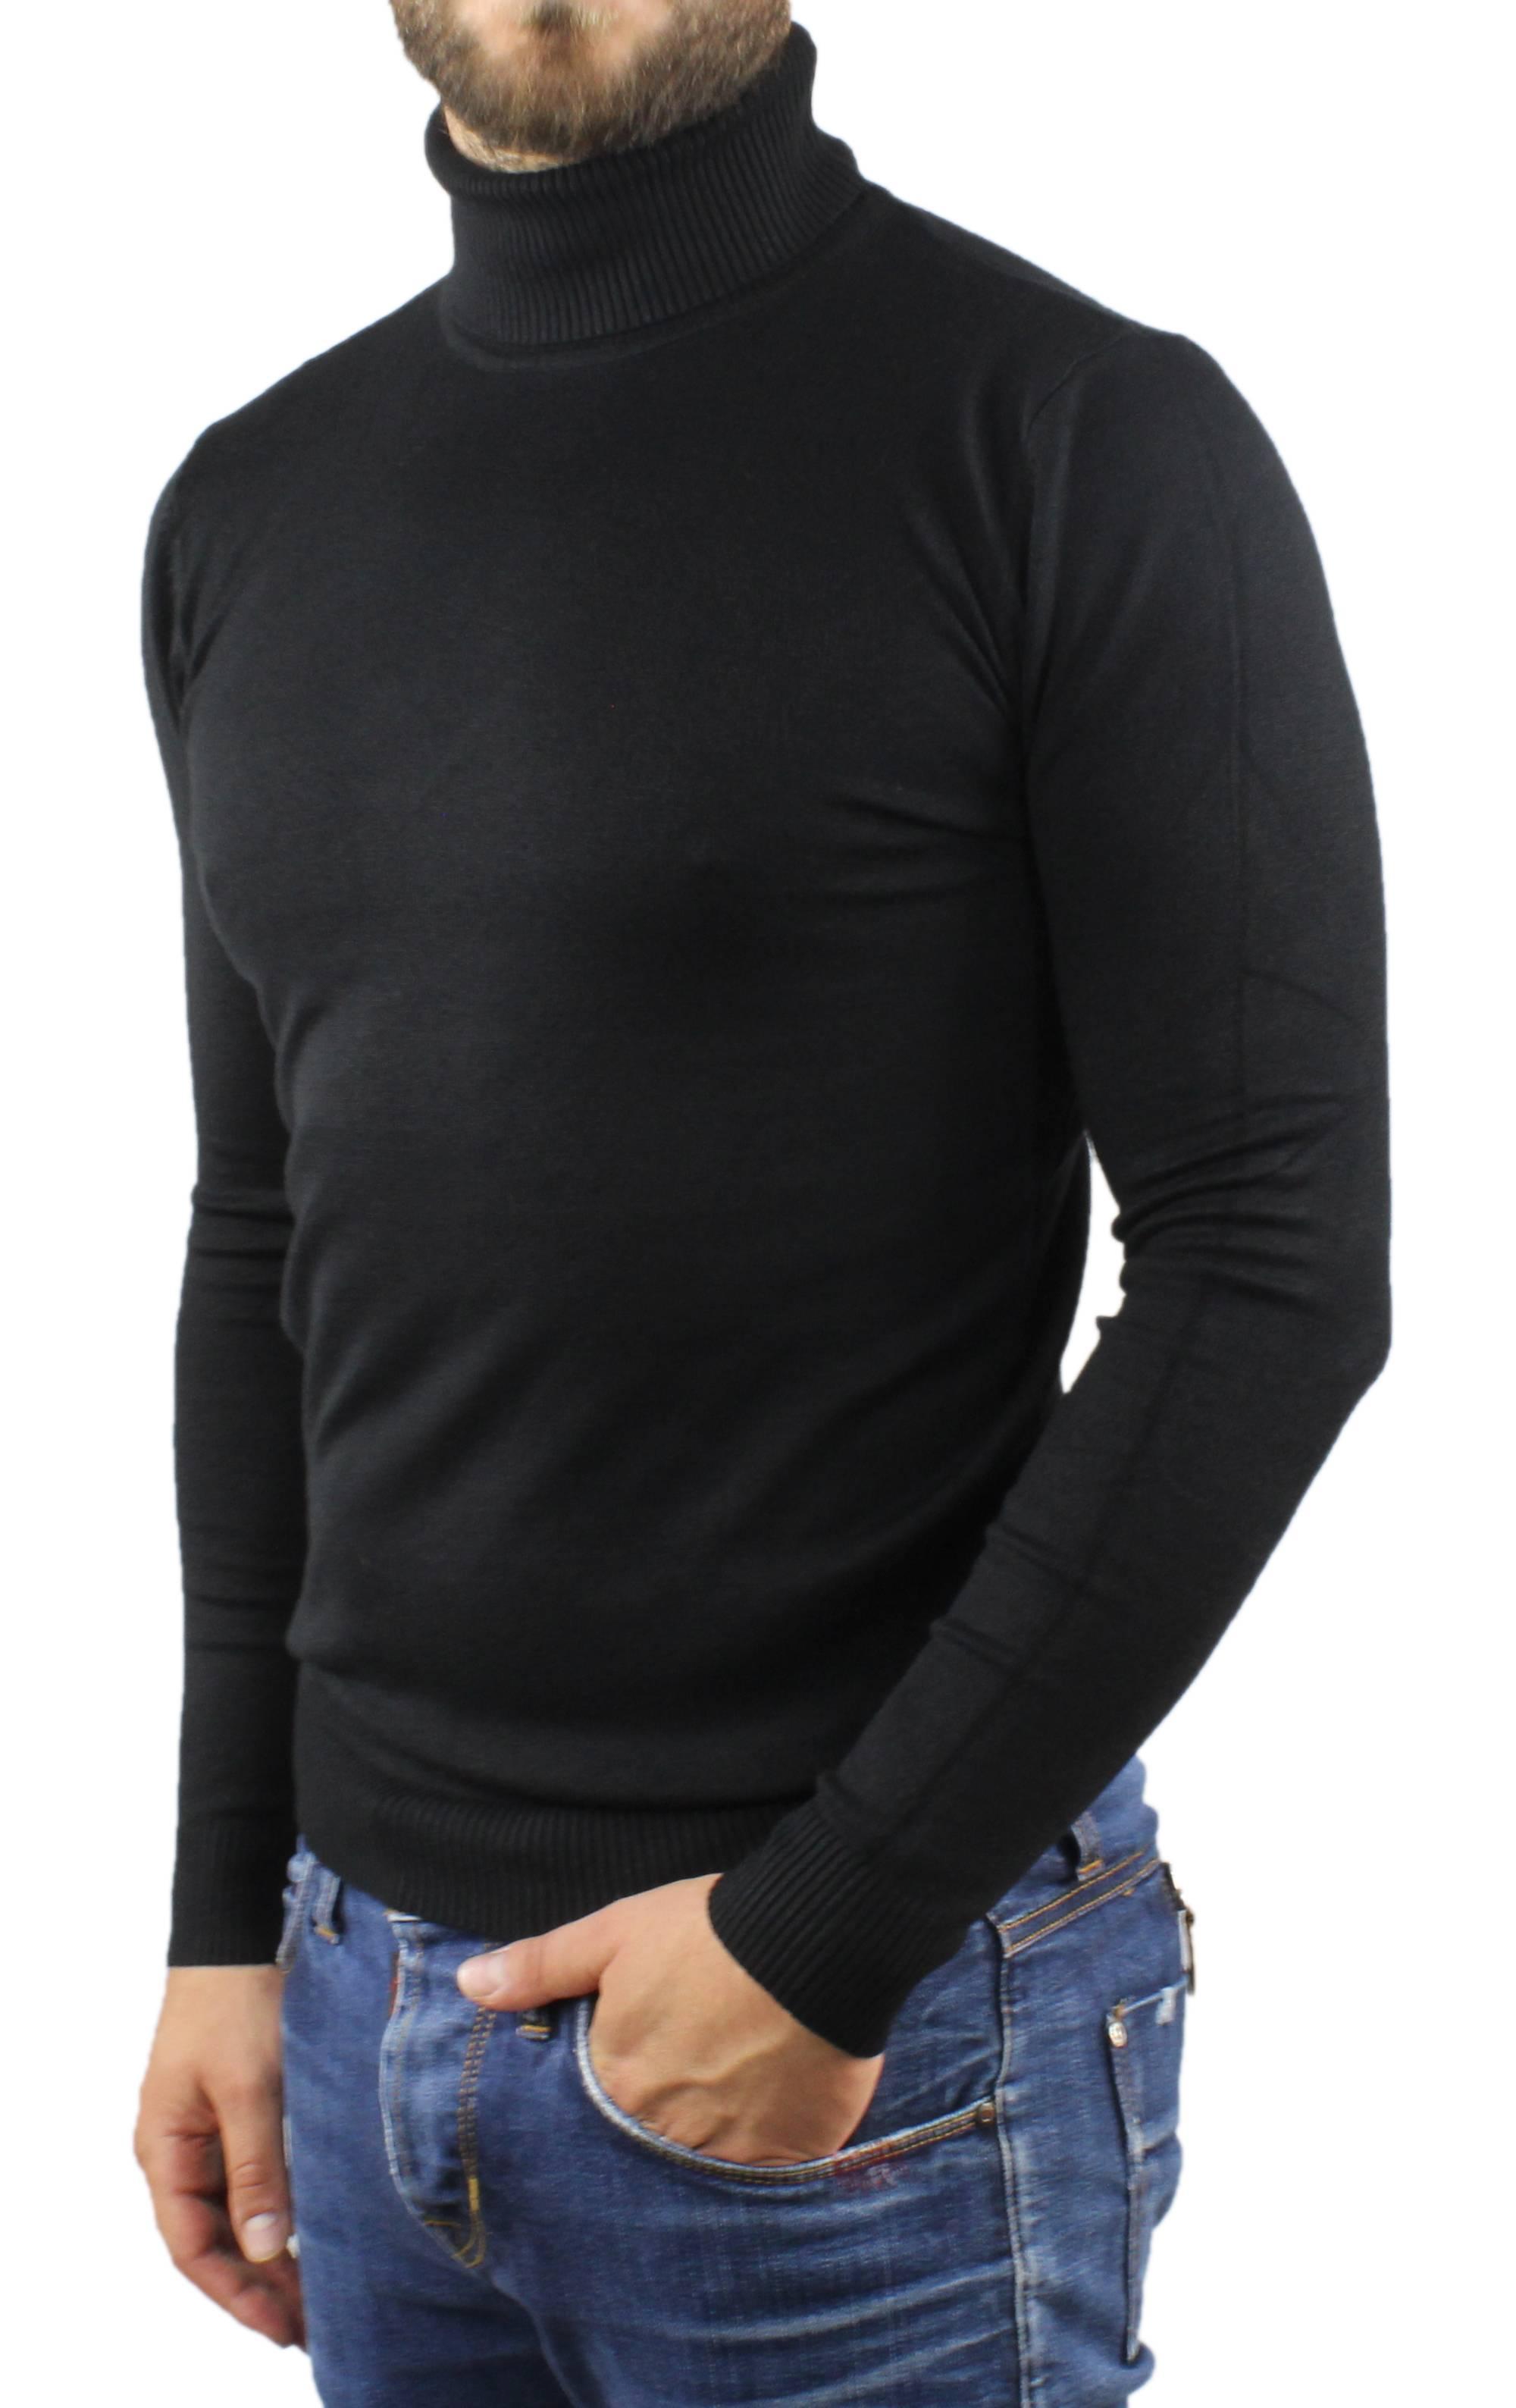 Maglione-Uomo-Collo-Alto-Dolcevita-Maglia-Blu-Nero-Bordo-Lupetto-Maglioncino miniatura 14